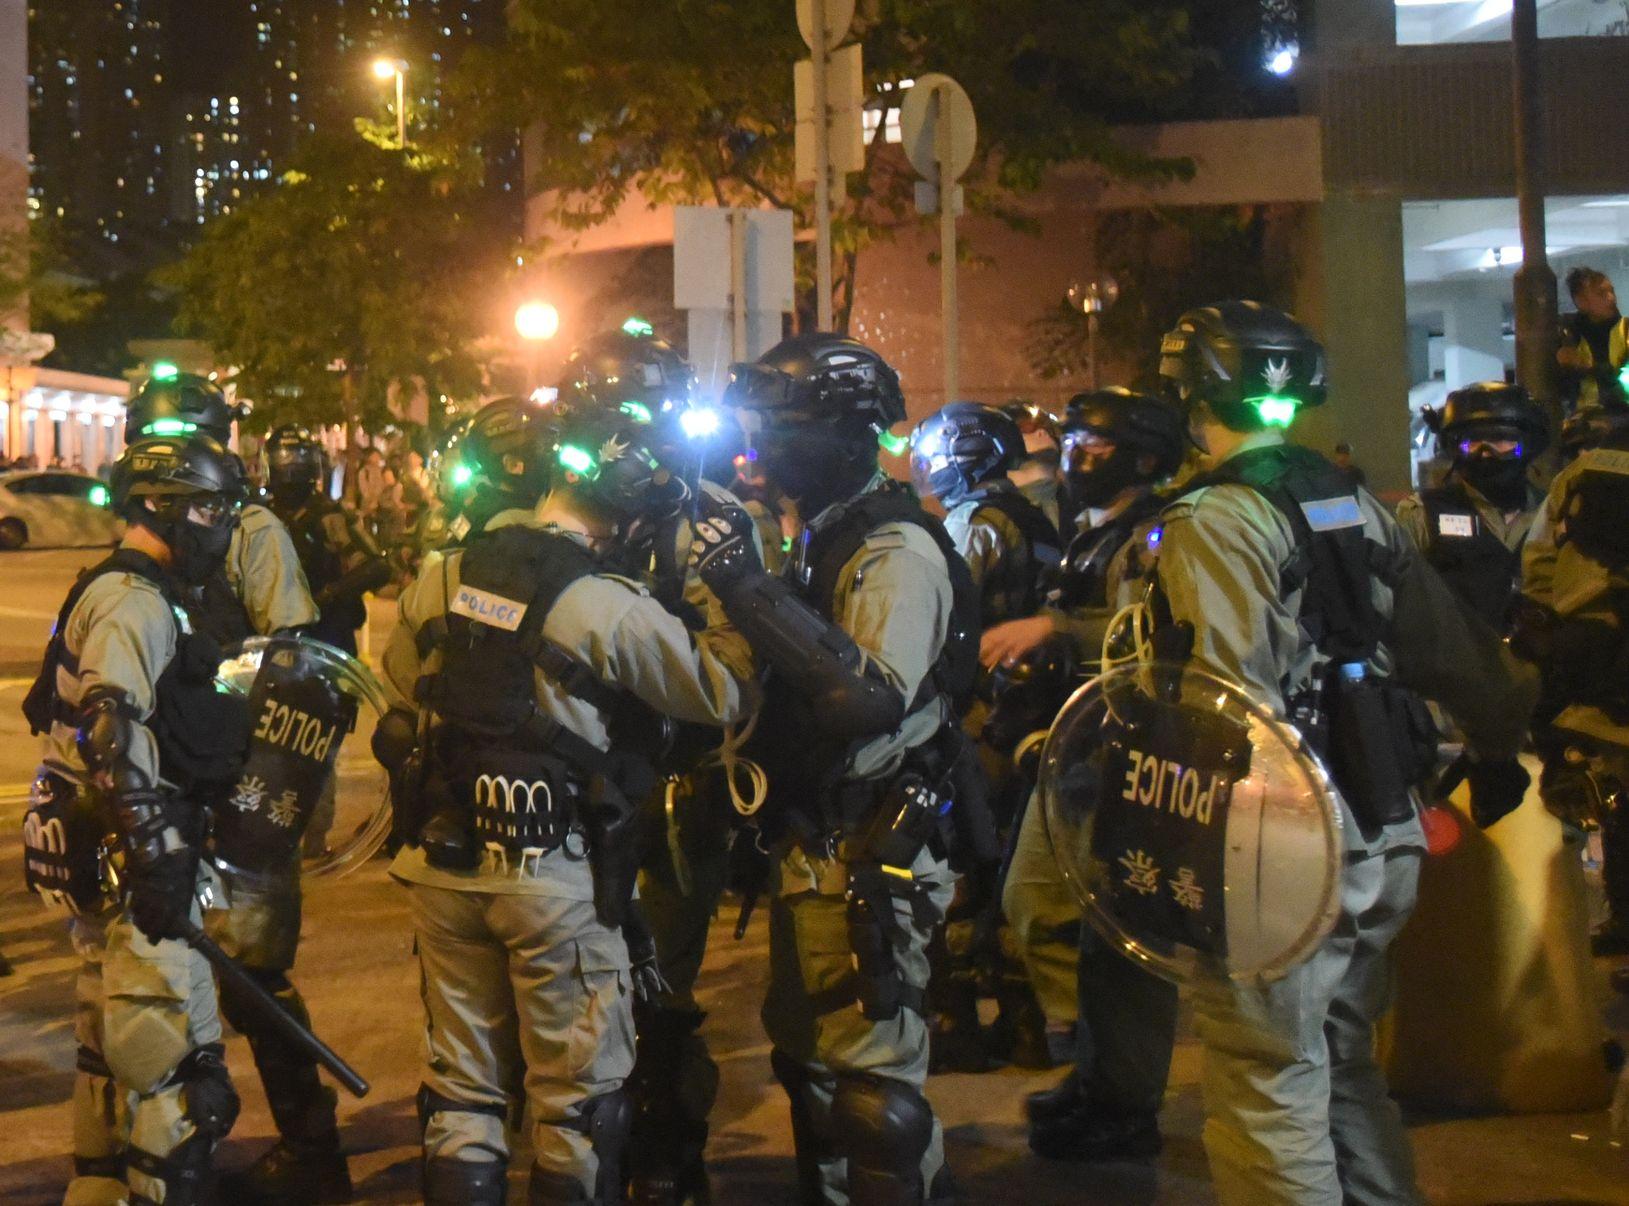 警方重申警隊一向重視人員的操守及紀律。資料圖片